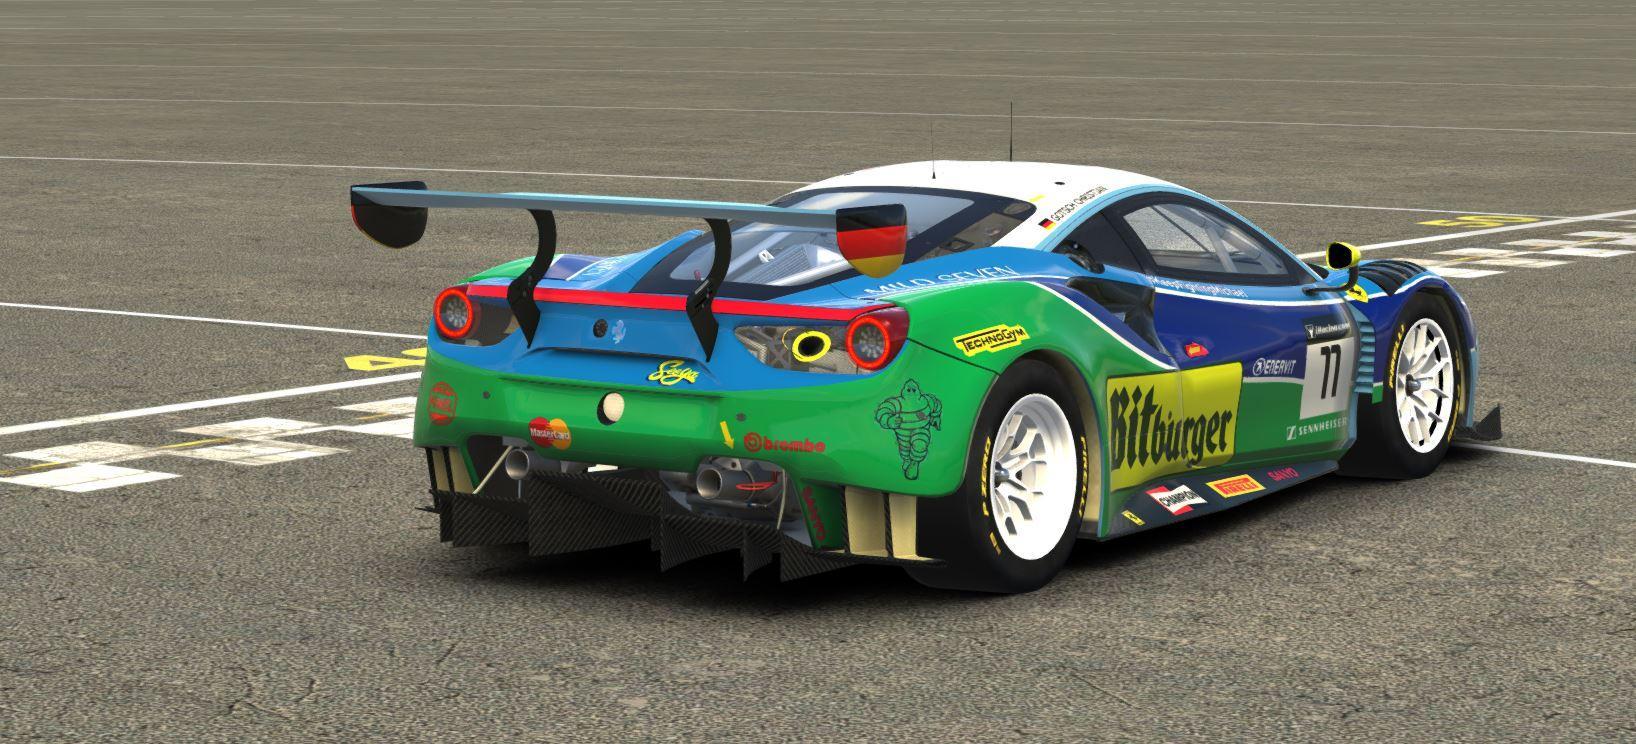 Preview of Ferrari 488 GT3Benetton by Christian Gotsch